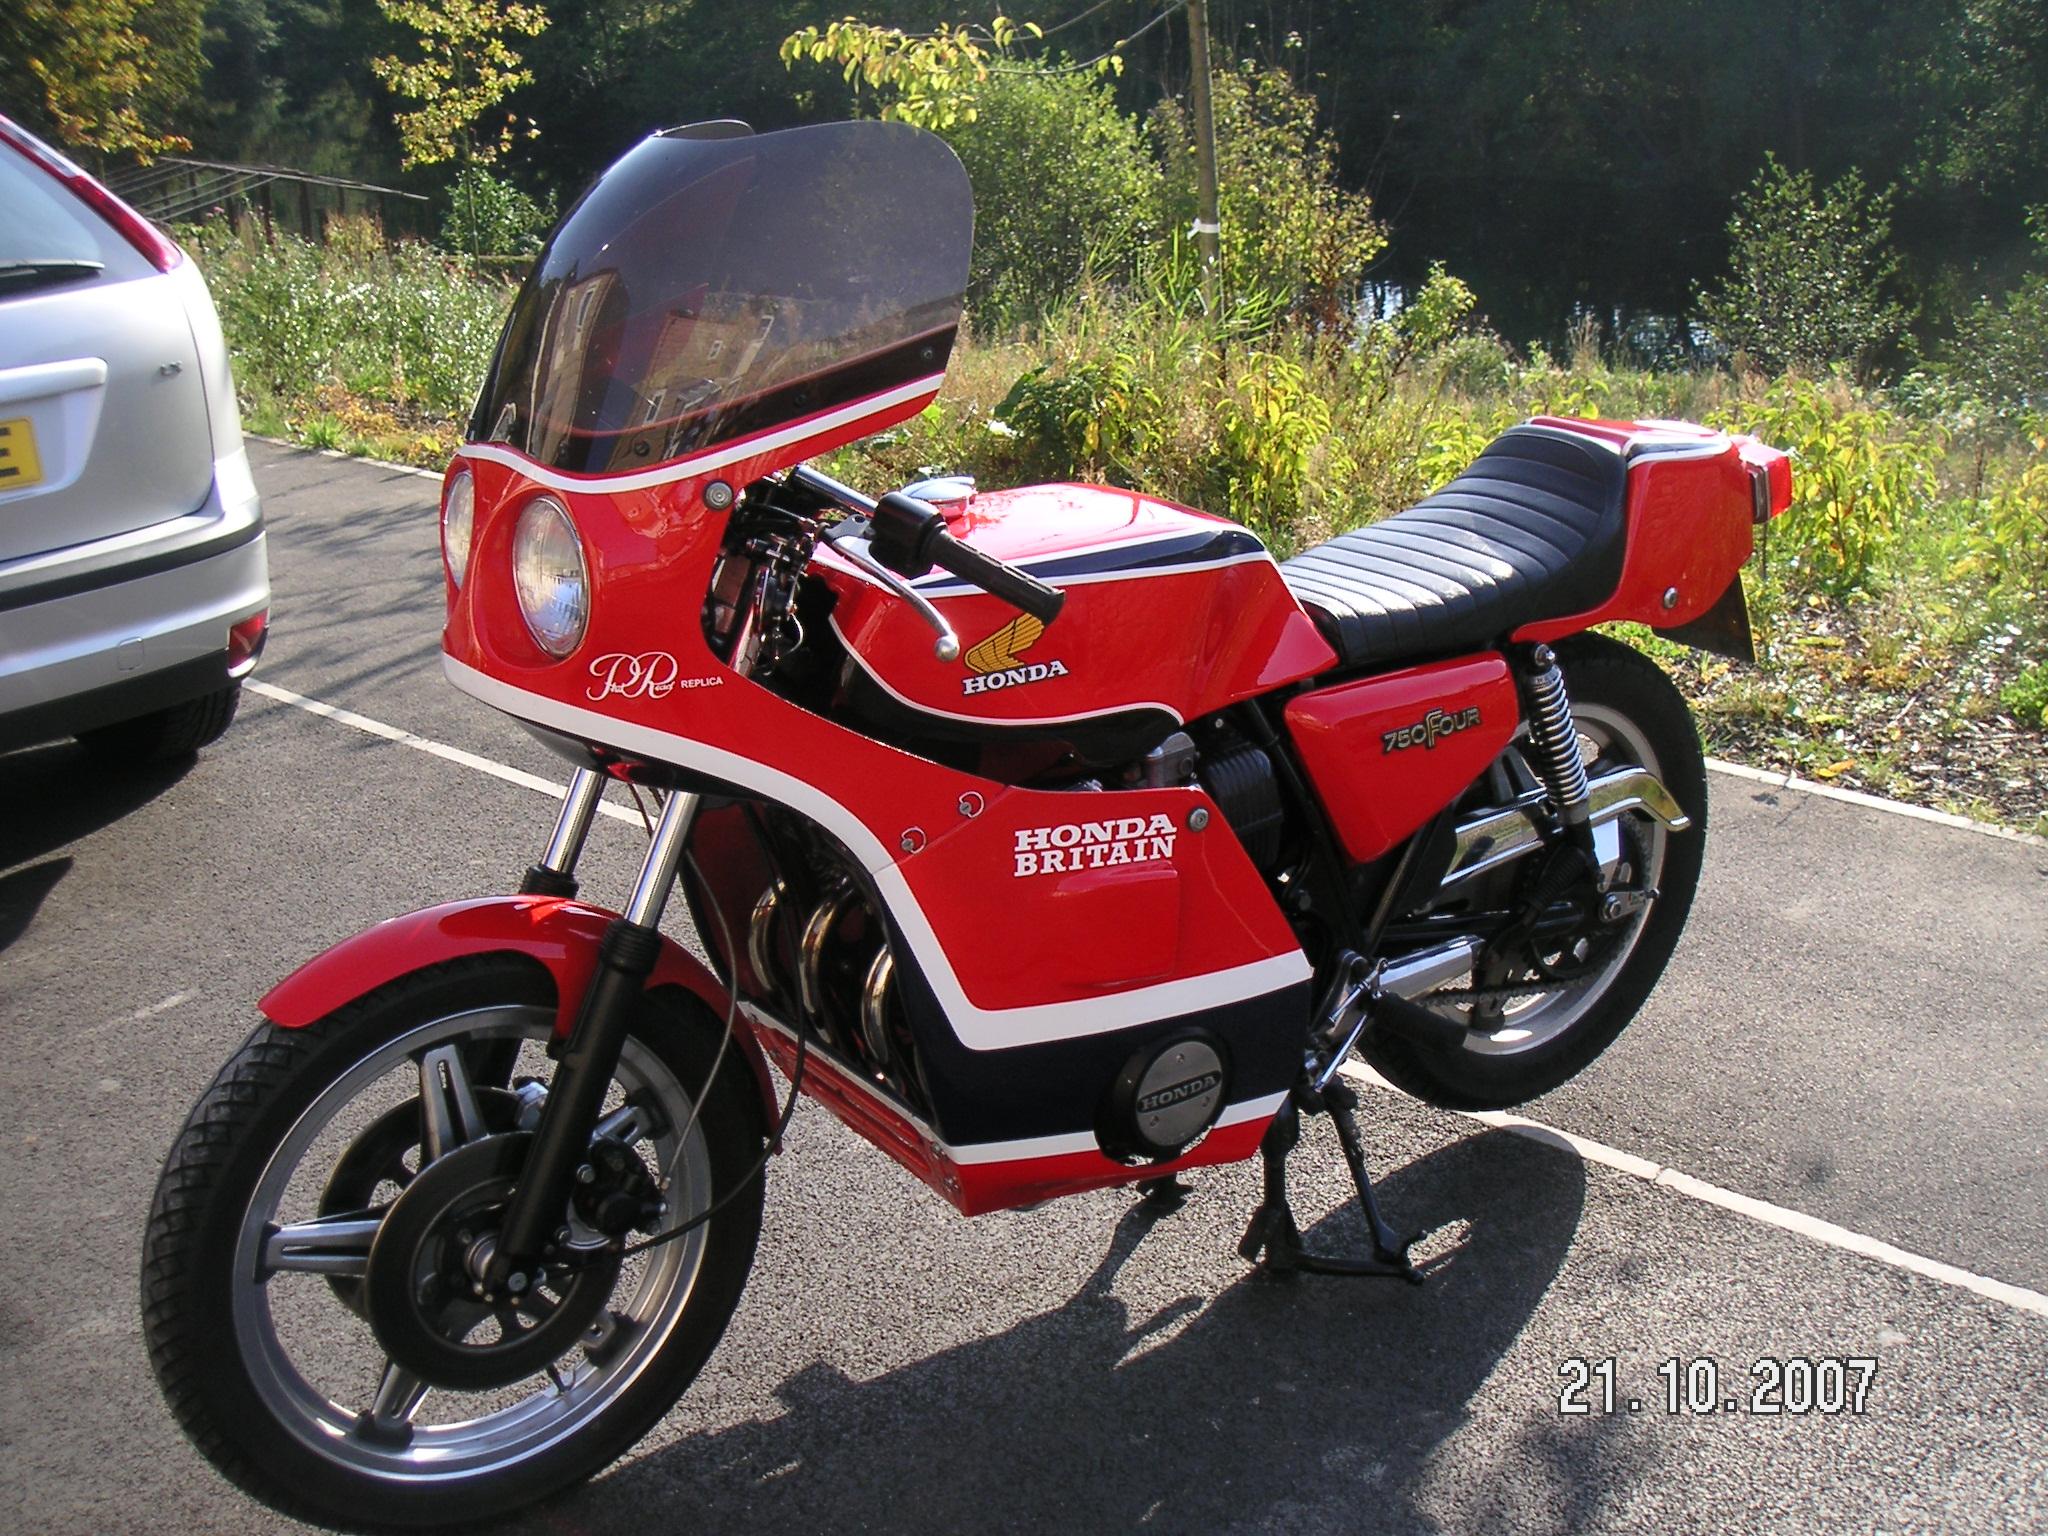 Cb750 Gallery Classic Motorbikes 1975 Honda Cb750f Britain 750 Phil Read Replica